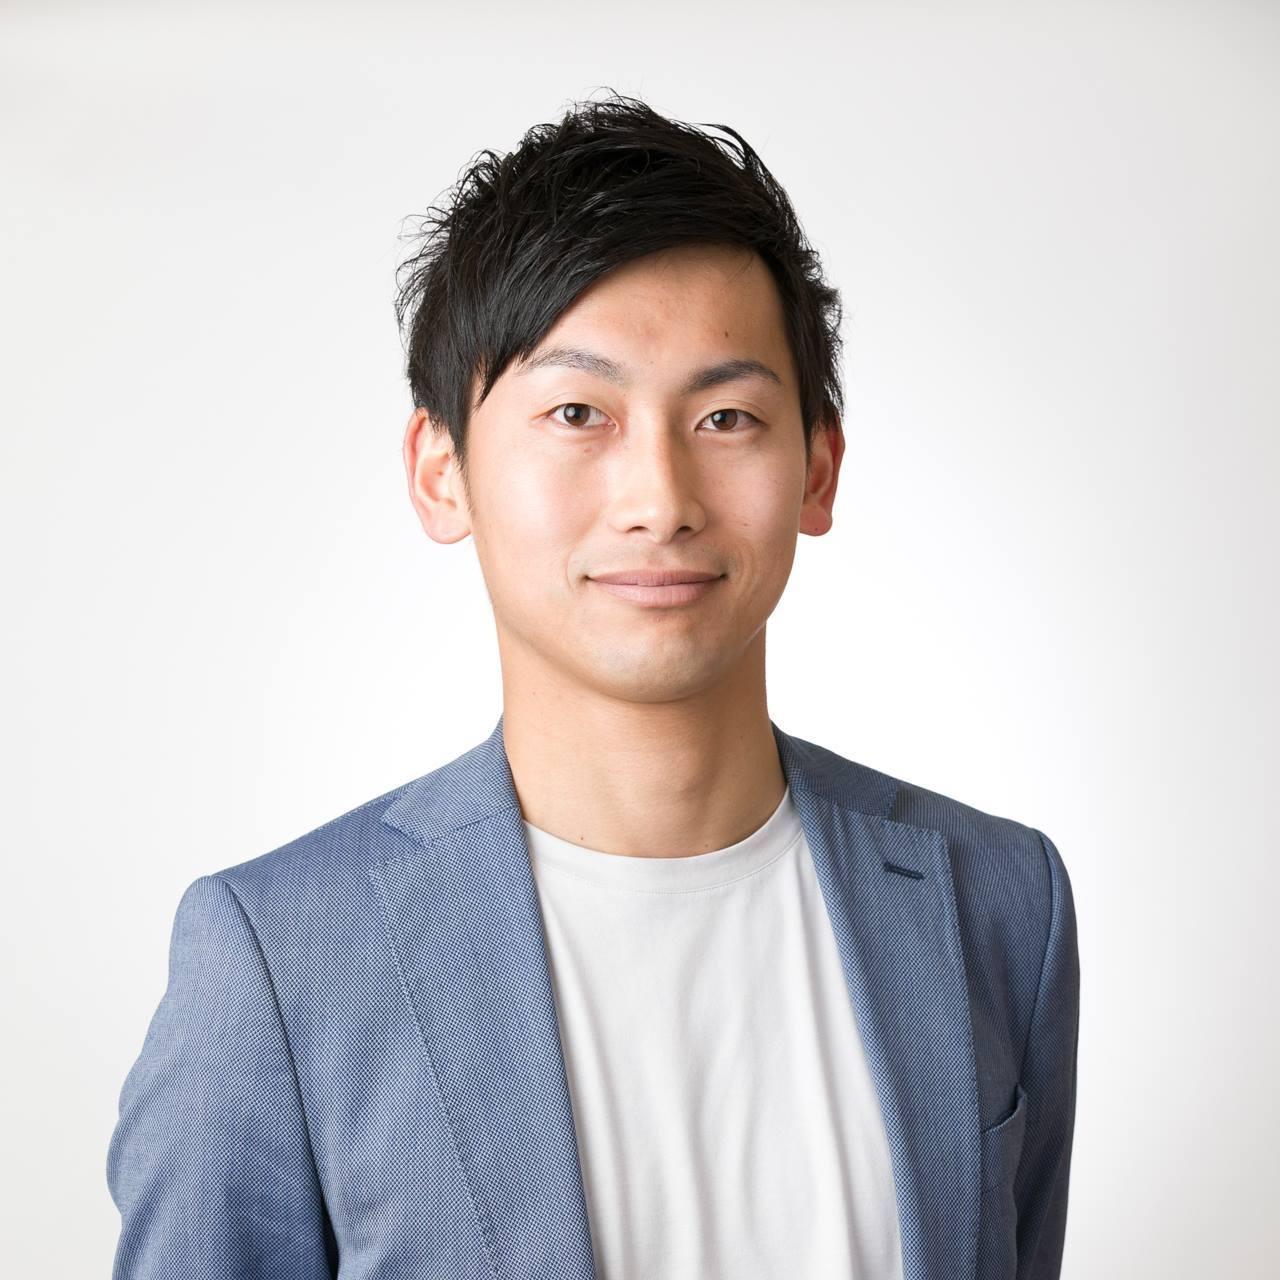 渡辺 康彦 - REAPRA Ventures